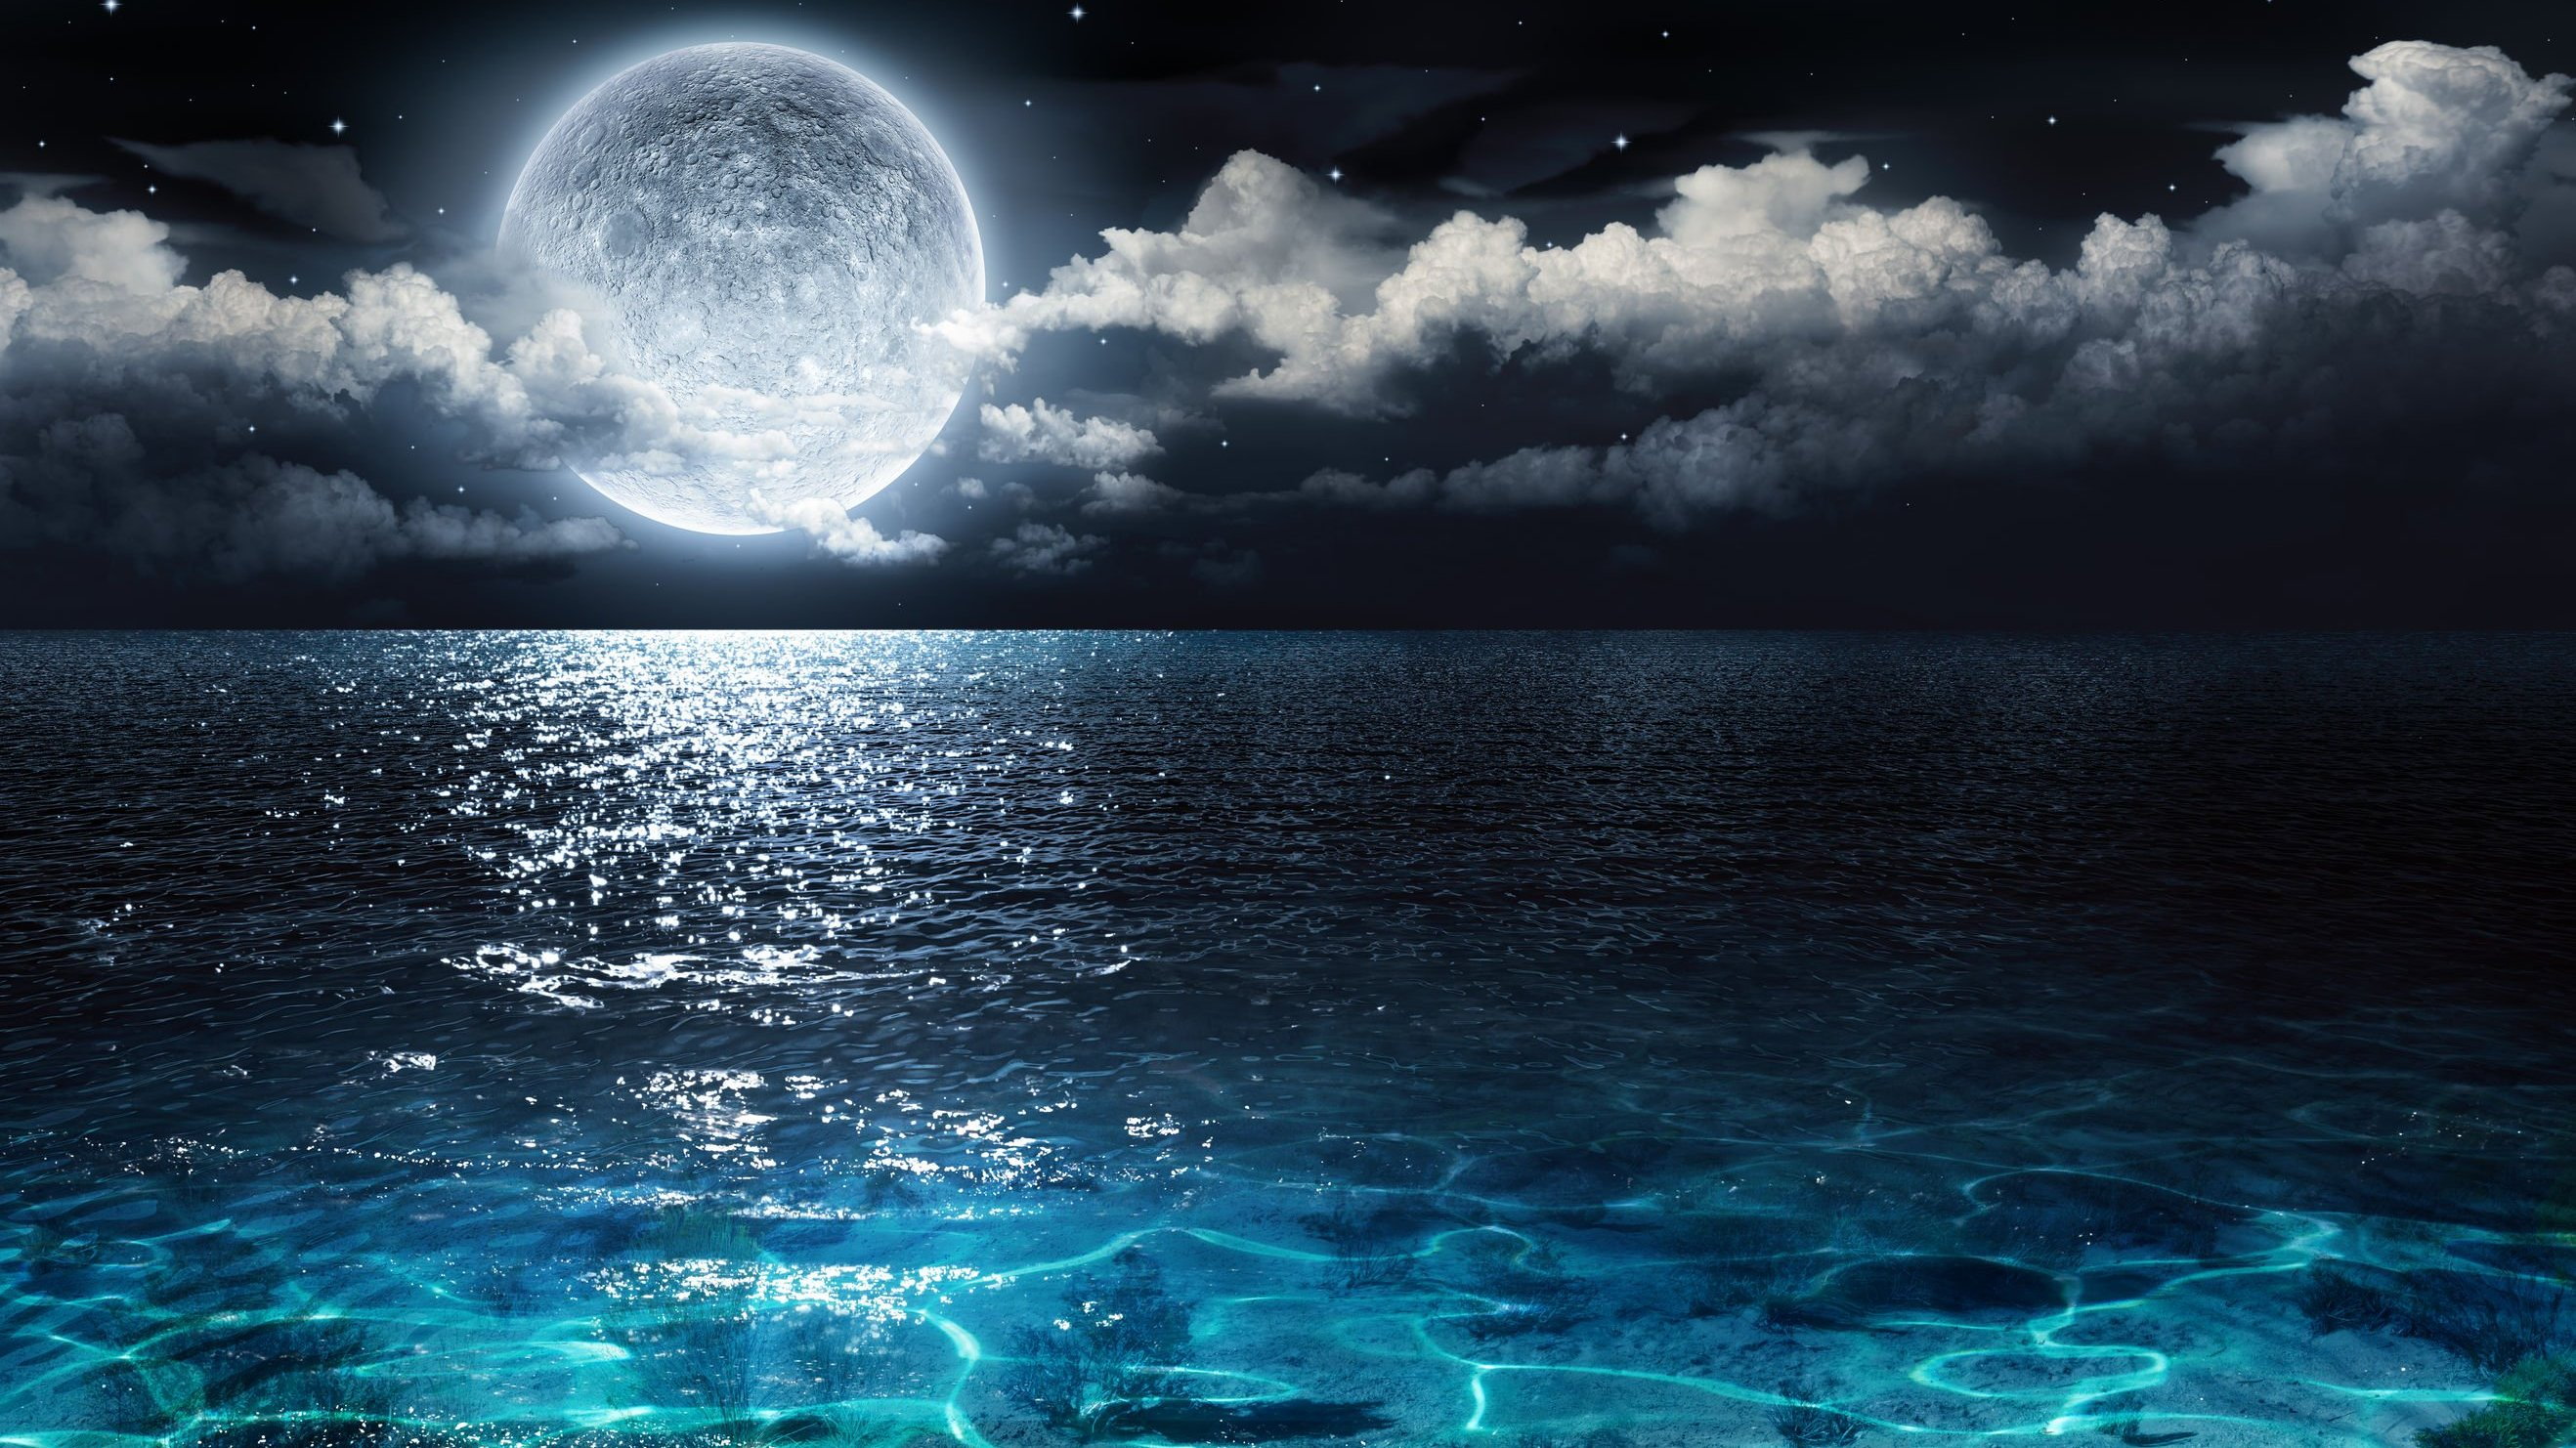 Céu estrelado e reflexo da lua no mar.